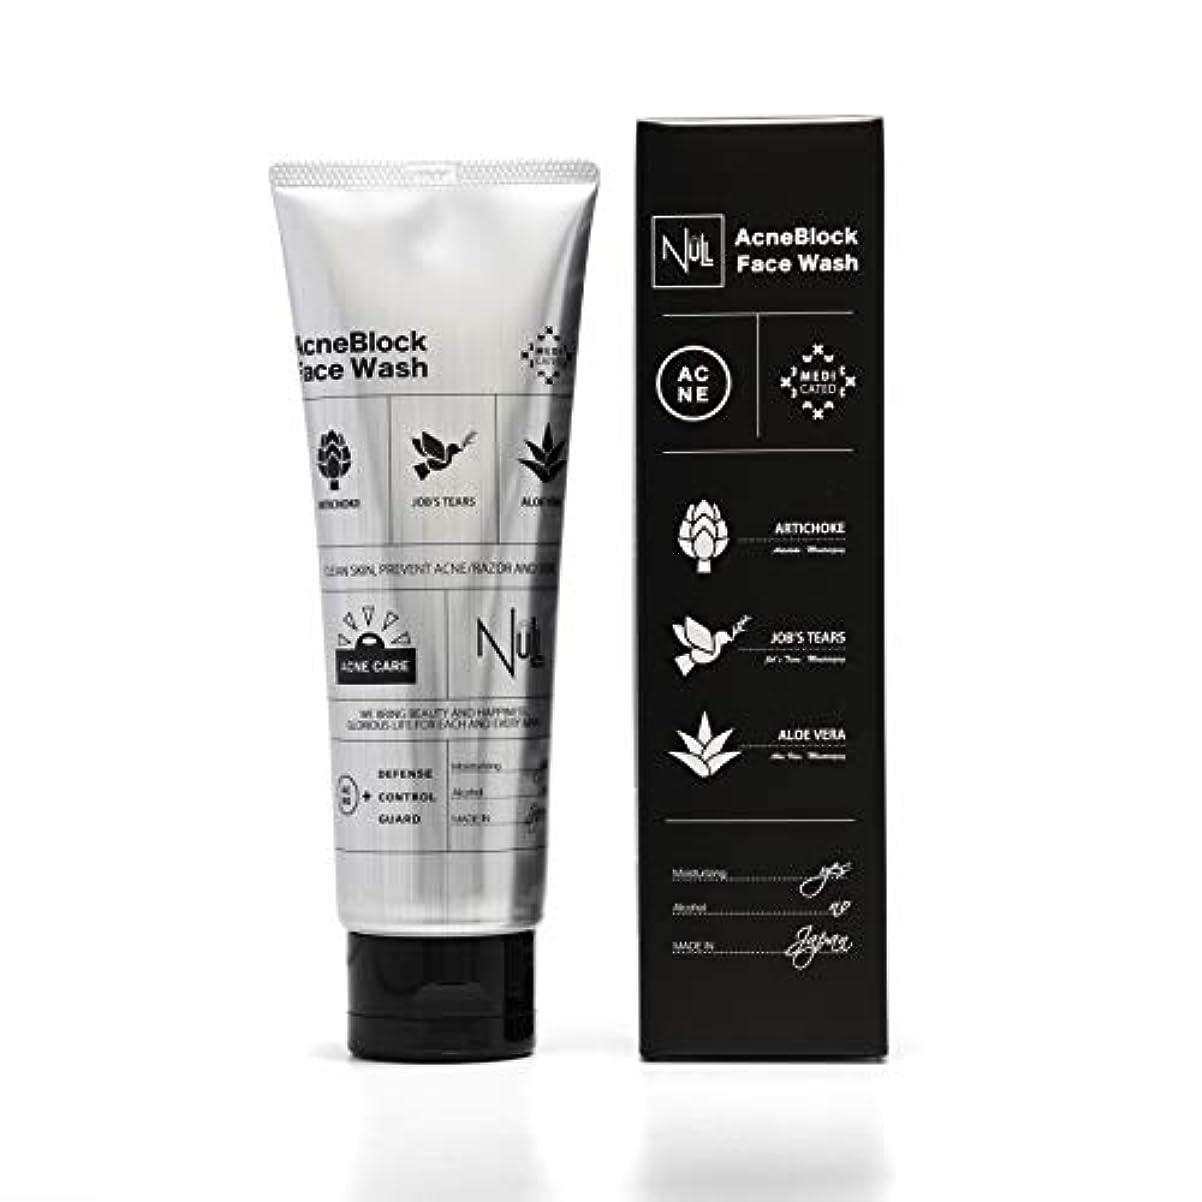 比較的大きさサービスNULL 洗顔 メンズ 【有効成分の力で ニキビ を防ぐ かみそり負け/肌荒れ を防ぐ】薬用 アクネブロック フェイスウォッシュ 洗顔クリーム 洗顔料 保湿成分配合 アルコールなど6つの 無添加 医薬部外品 120g